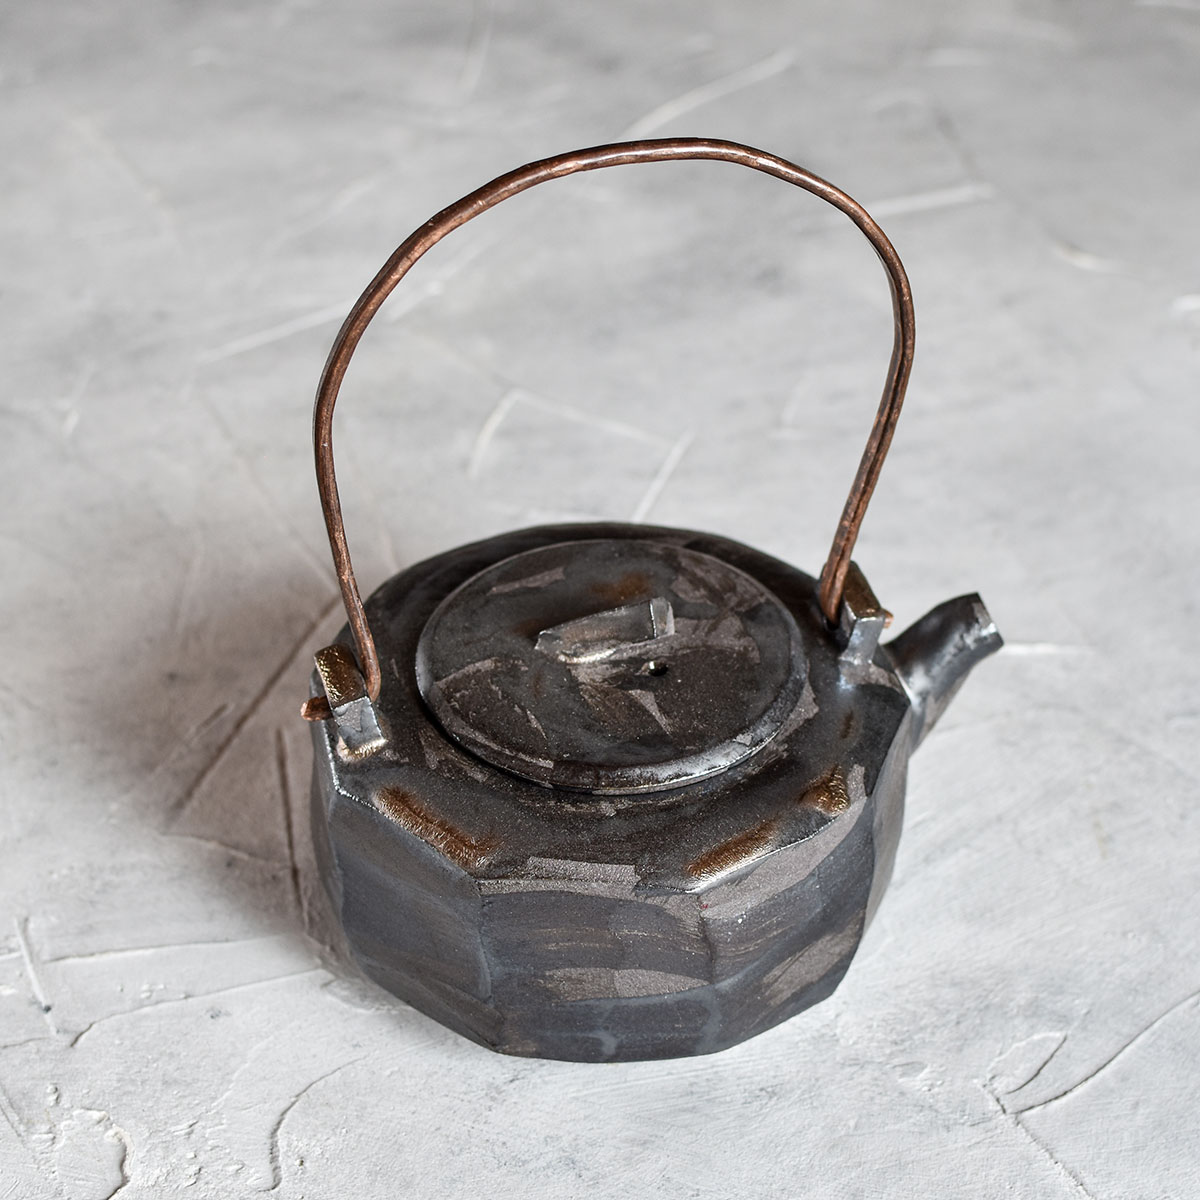 картинка Керамический чайник с металлической ручкой 1 - DishWishes.Ru